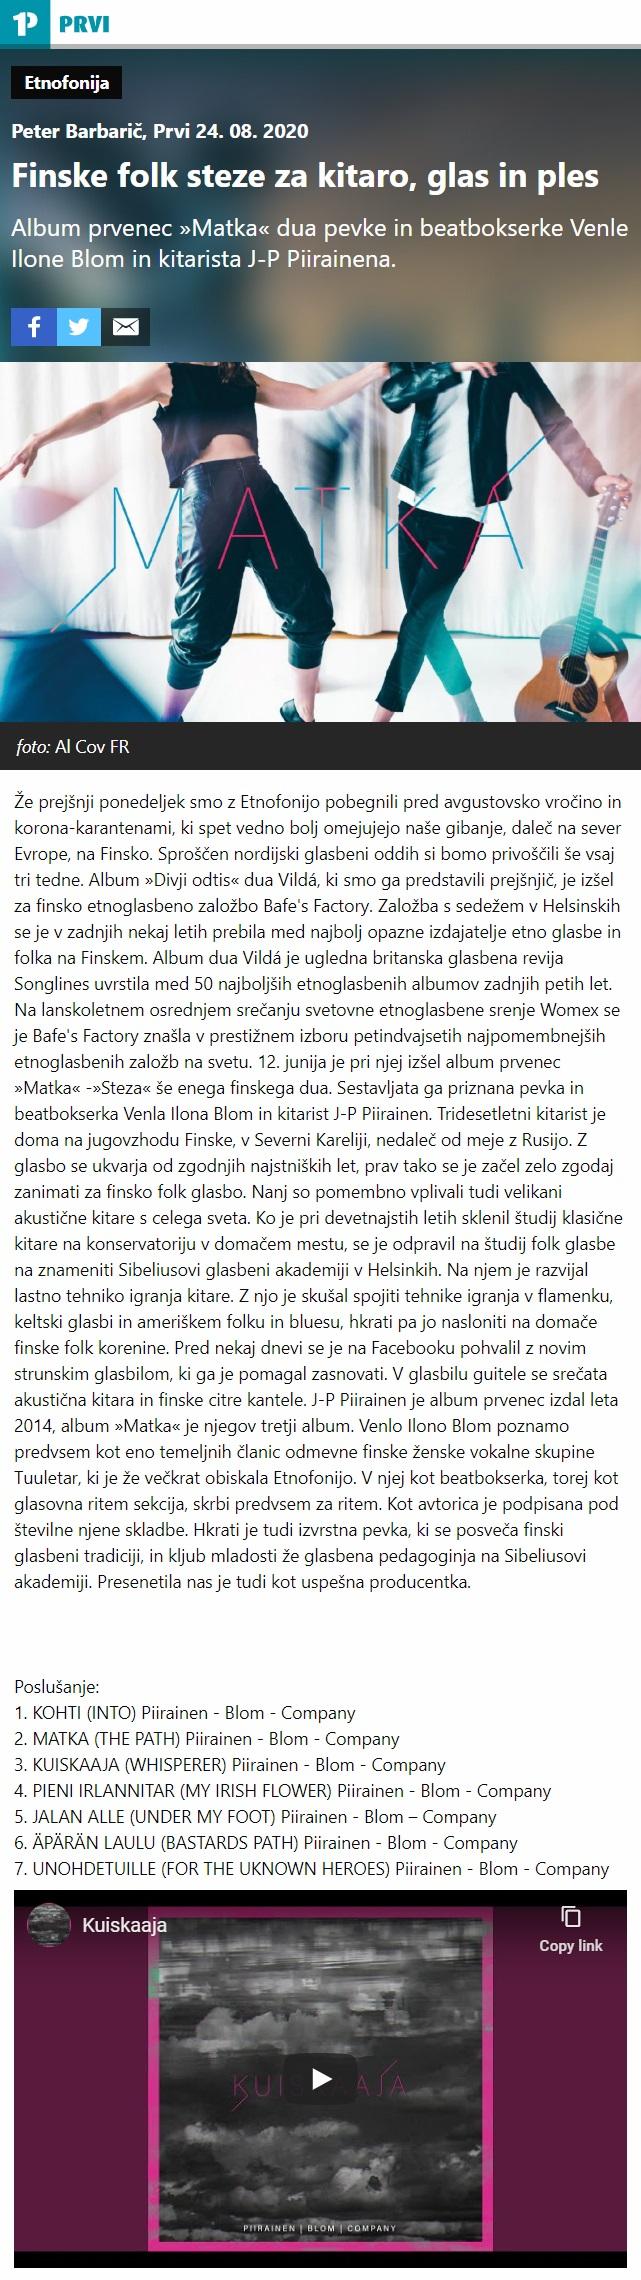 Radio PRVI, Etnofonija, Finske folk steze za kitaro, glas in ples (Slovenia), 24.8.2020